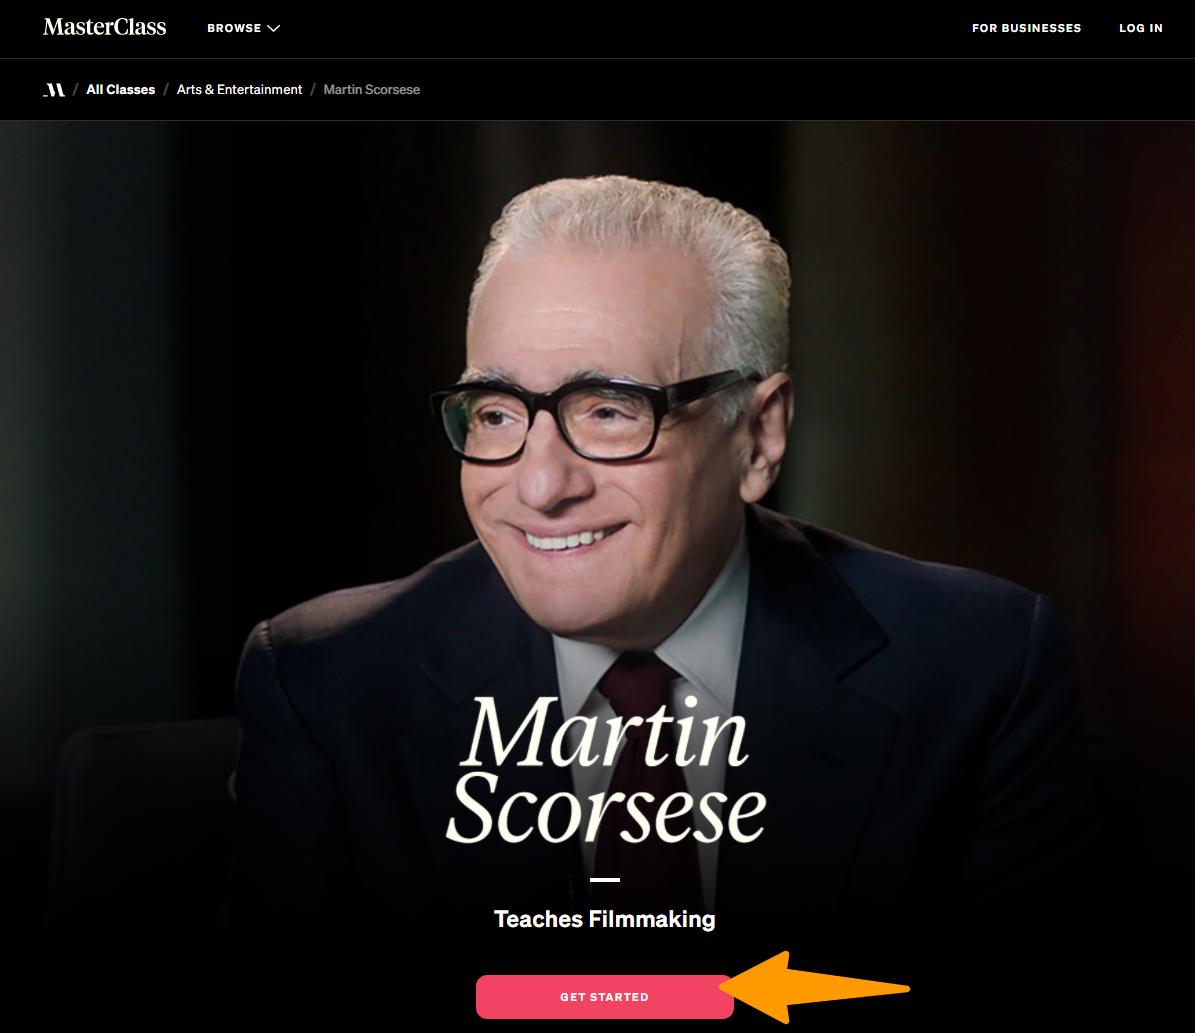 Martin-Scorsese-Teaches-Filmmaking-MasterClass